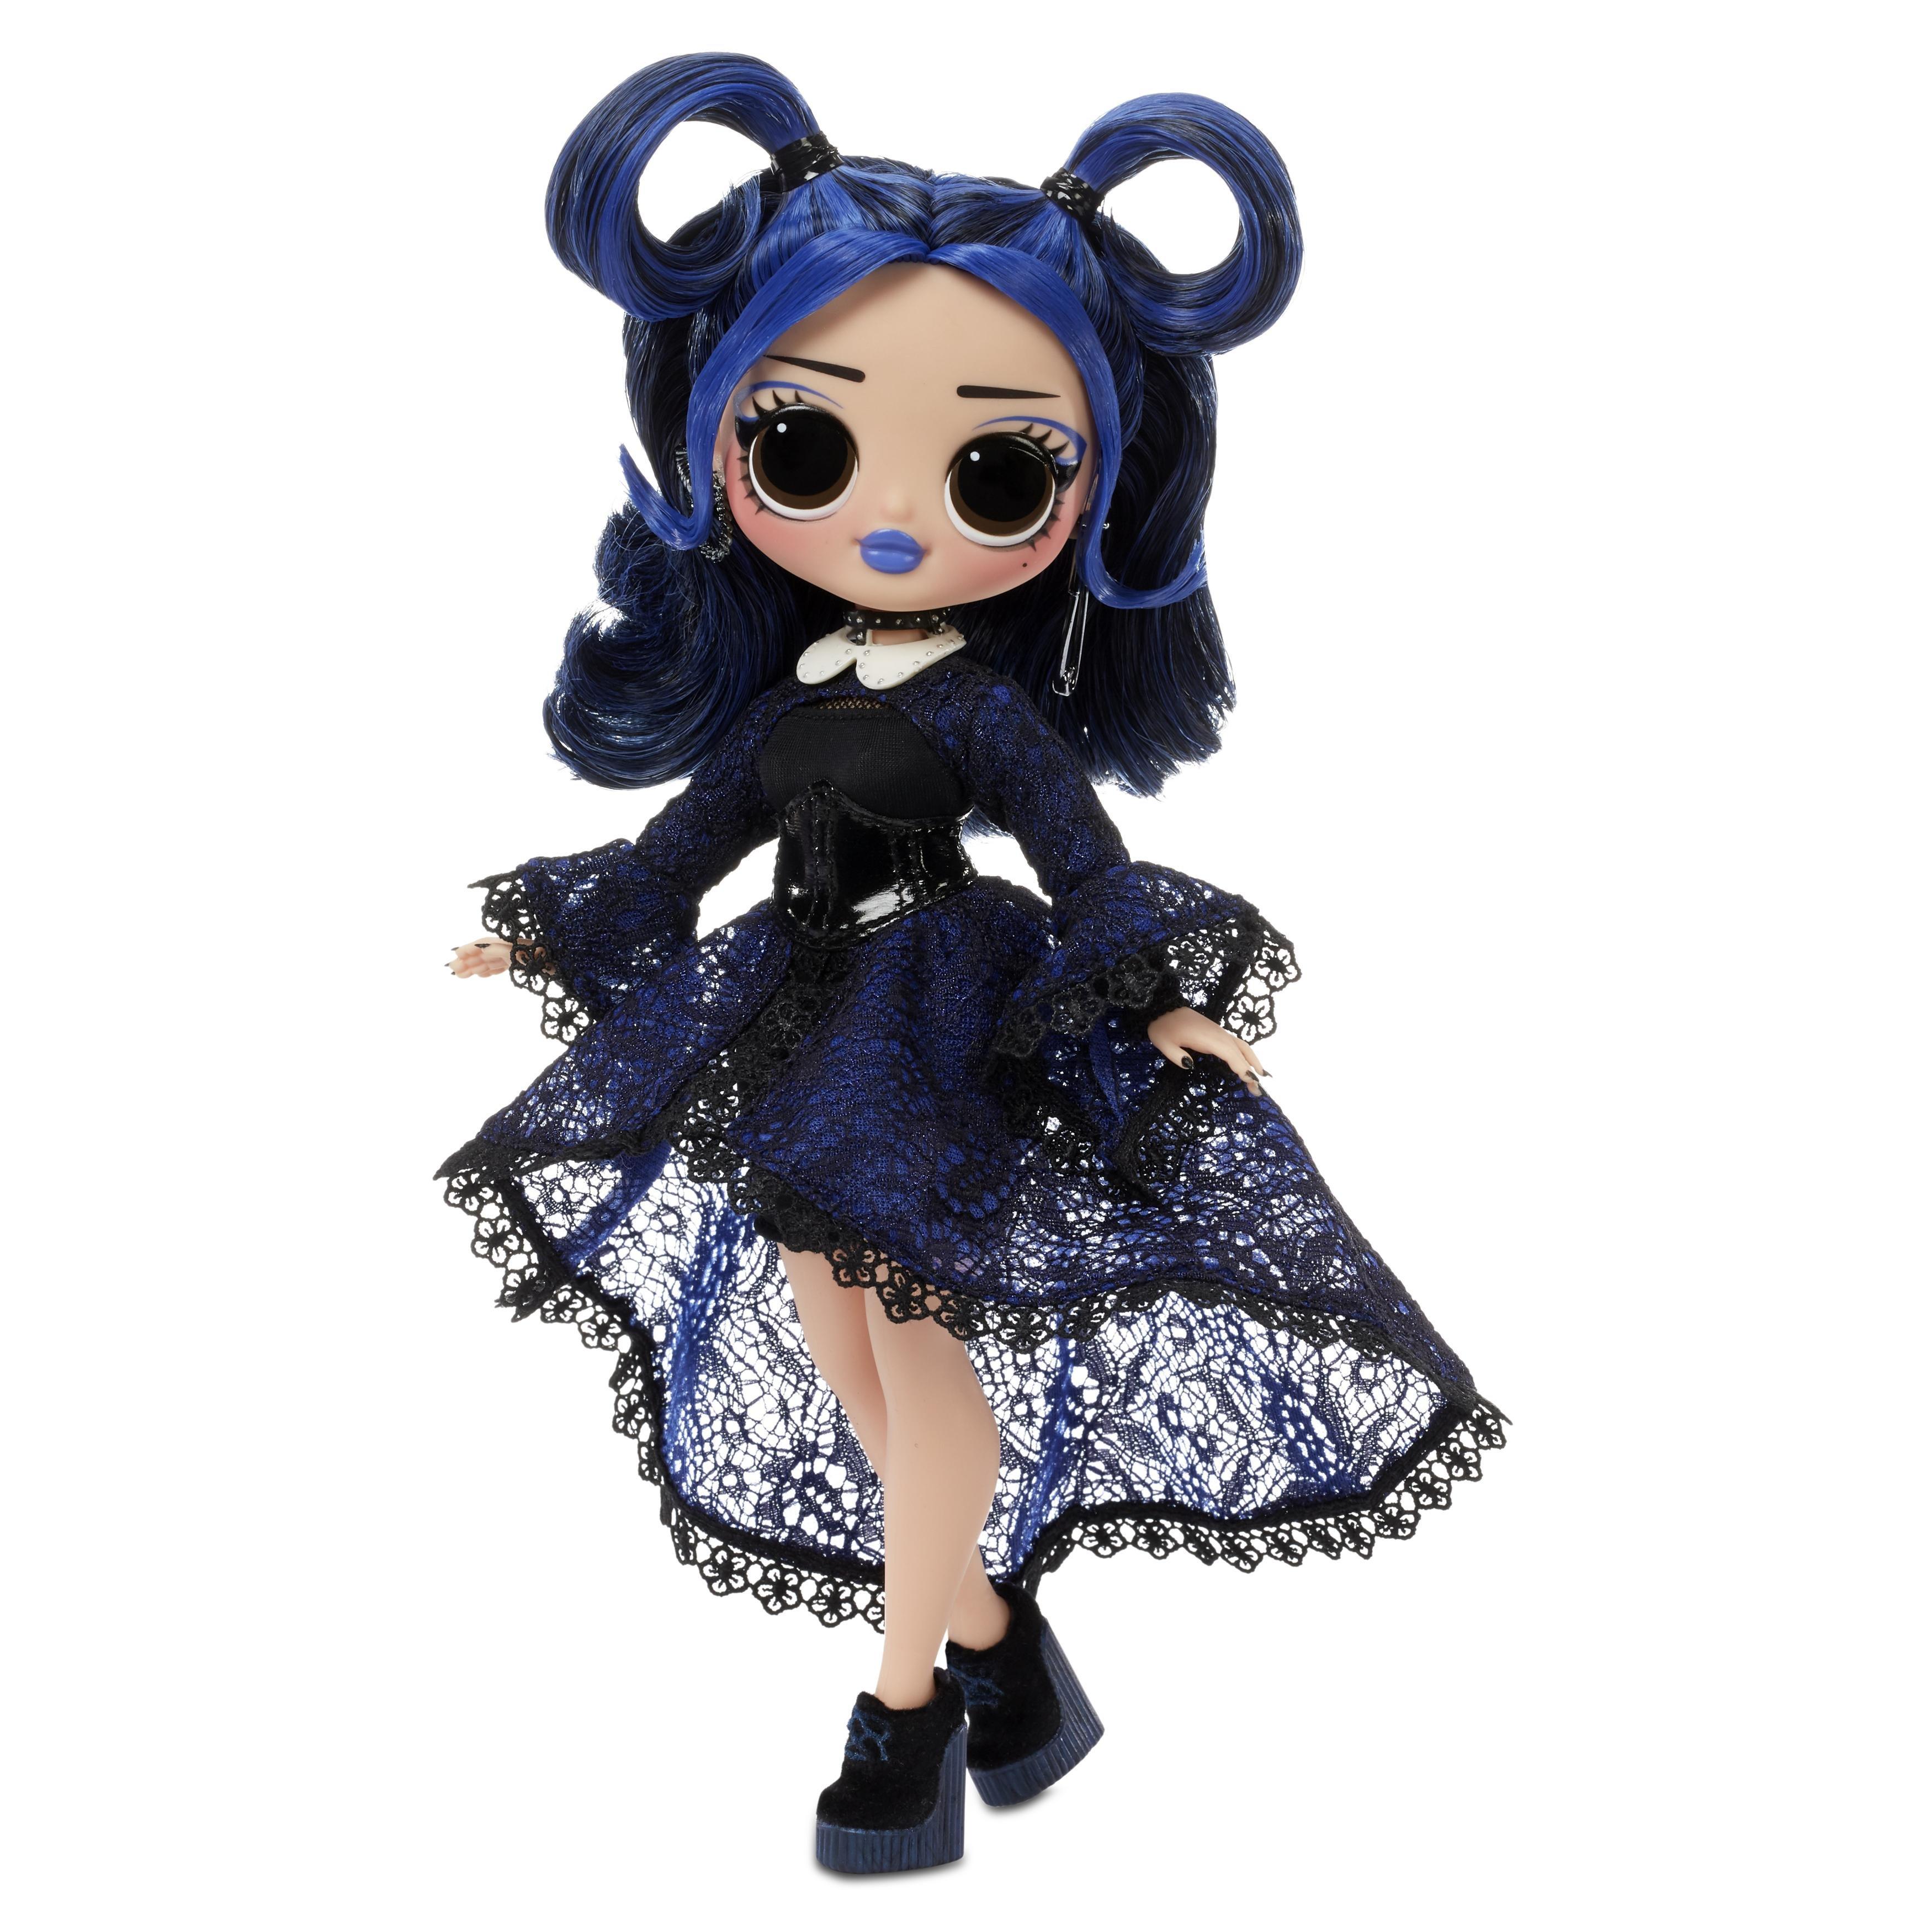 L.O.L. Surprise - OMG Doll Series 4.5 - Moonlight B.B. (572794)